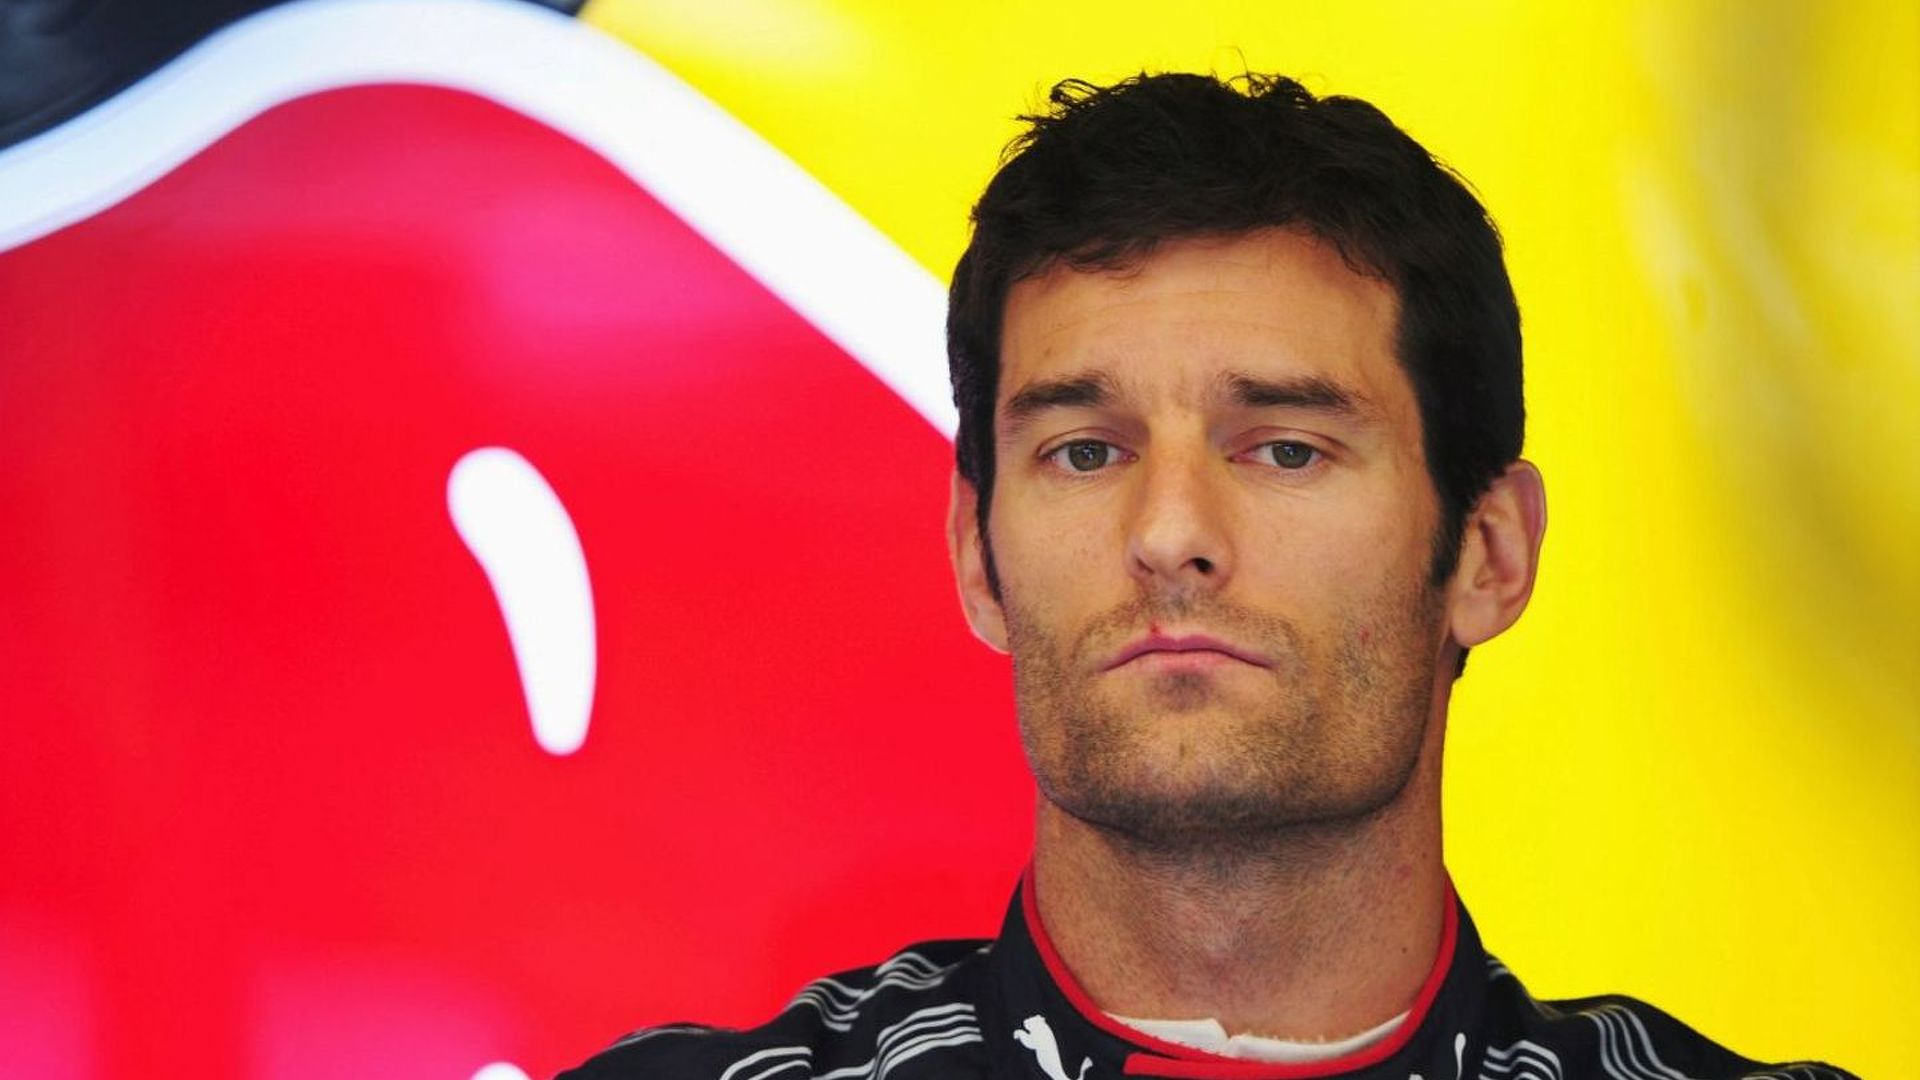 Webber to support Vettel's title push - boss